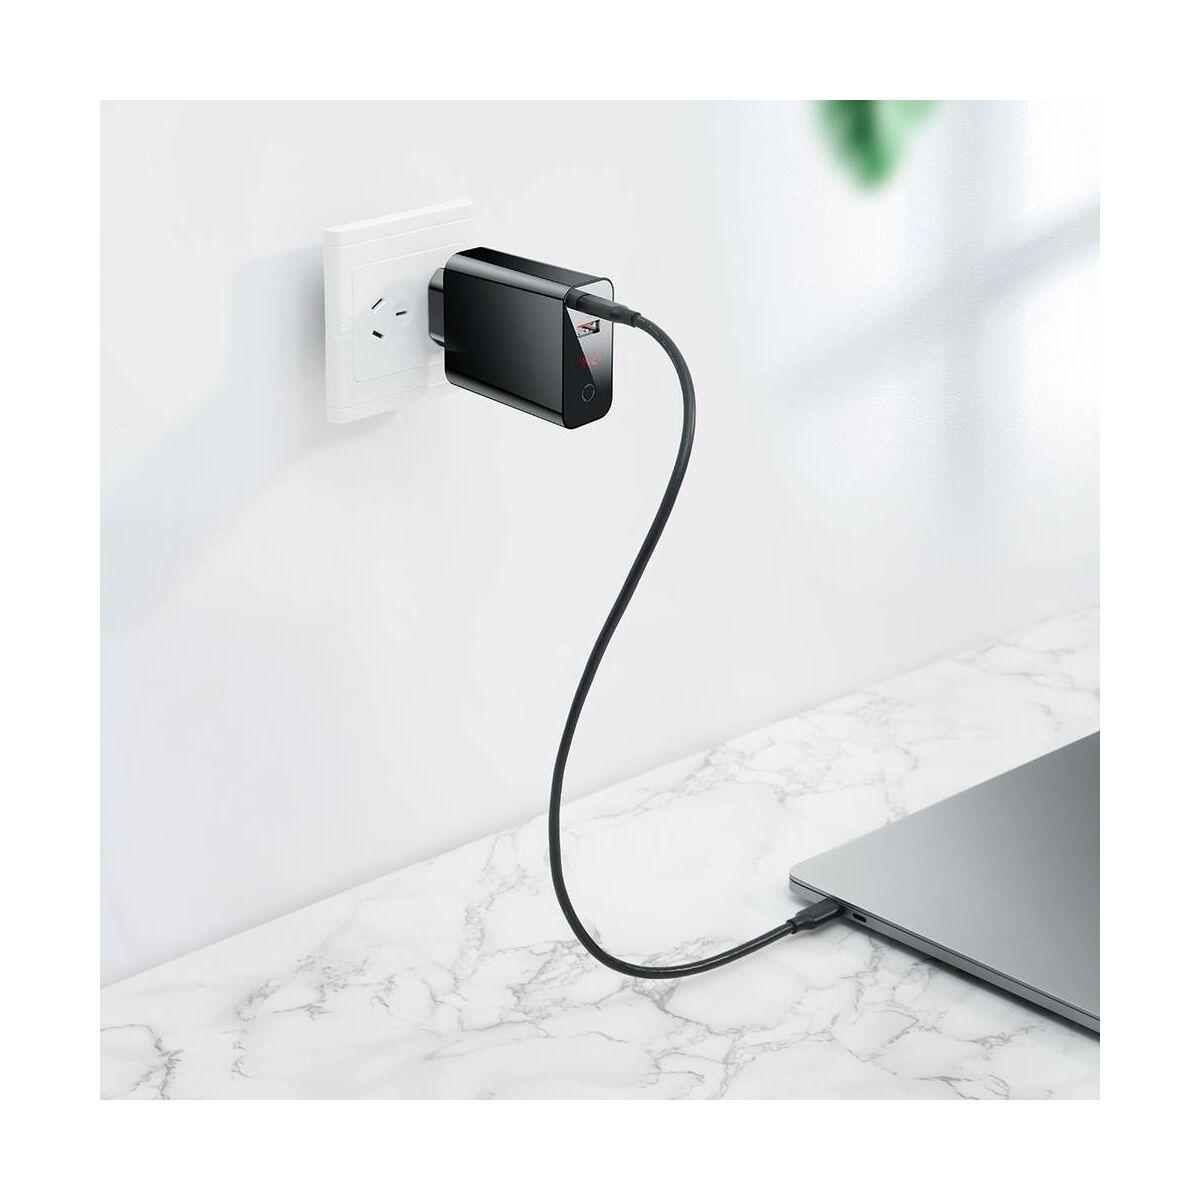 Baseus hálózati töltő, Speed PPS intelligens lekapcsolás, digitális kijelző, C+U 45W EU, fekete (CCFSEU907-01)